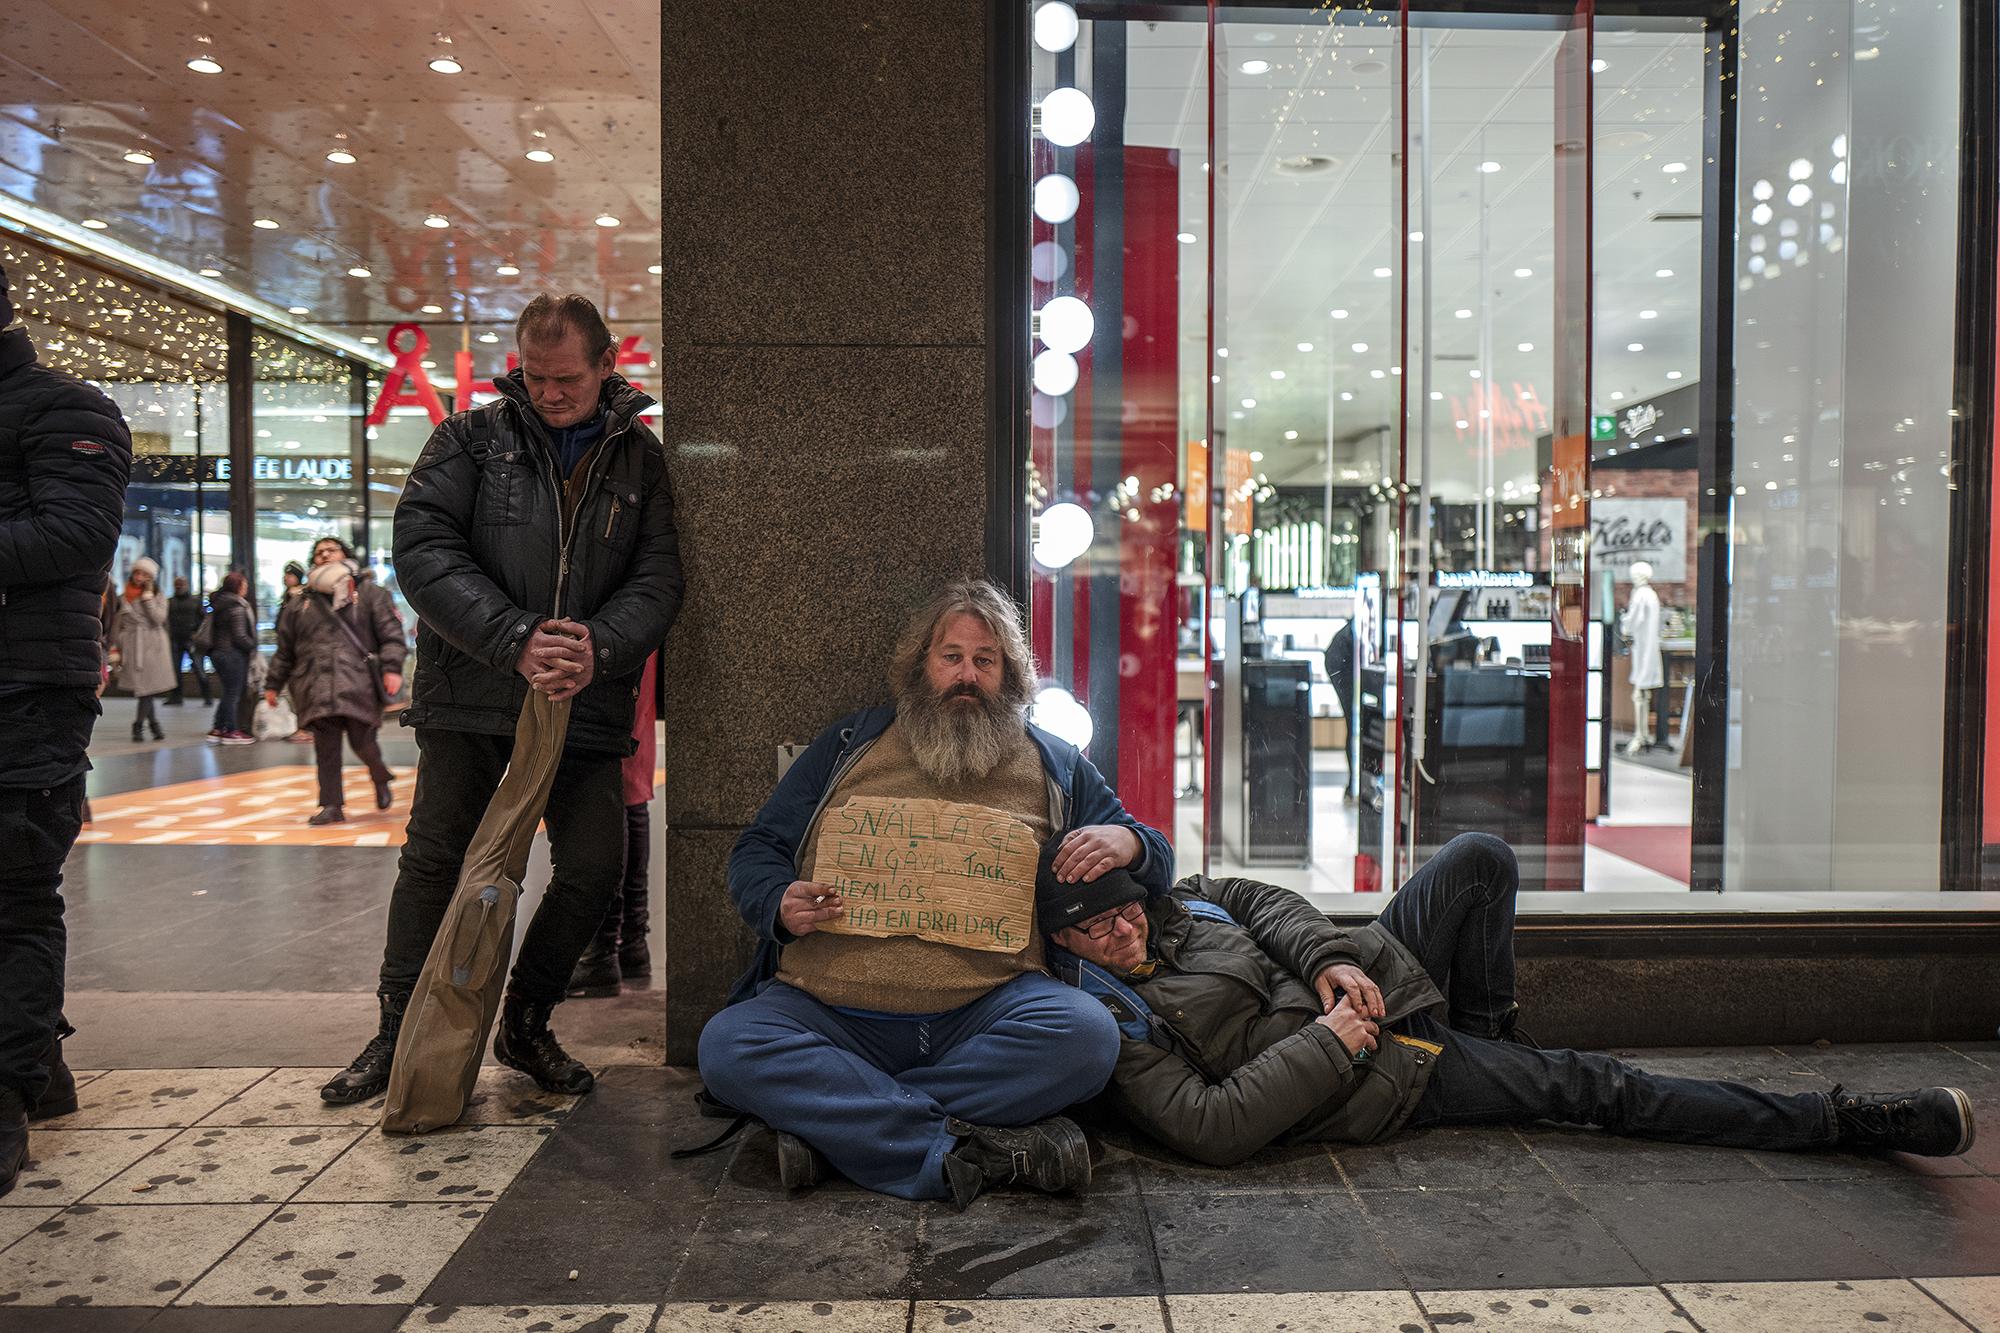 Elvis-Janne, Bamse och Thomas är hemlösa och lever på Stockholms gator. Thomas har Christoffer daglig kontakt med och Bamse träffar han med jämna mellanrum. Foto: Christoffer Hjalmarsson